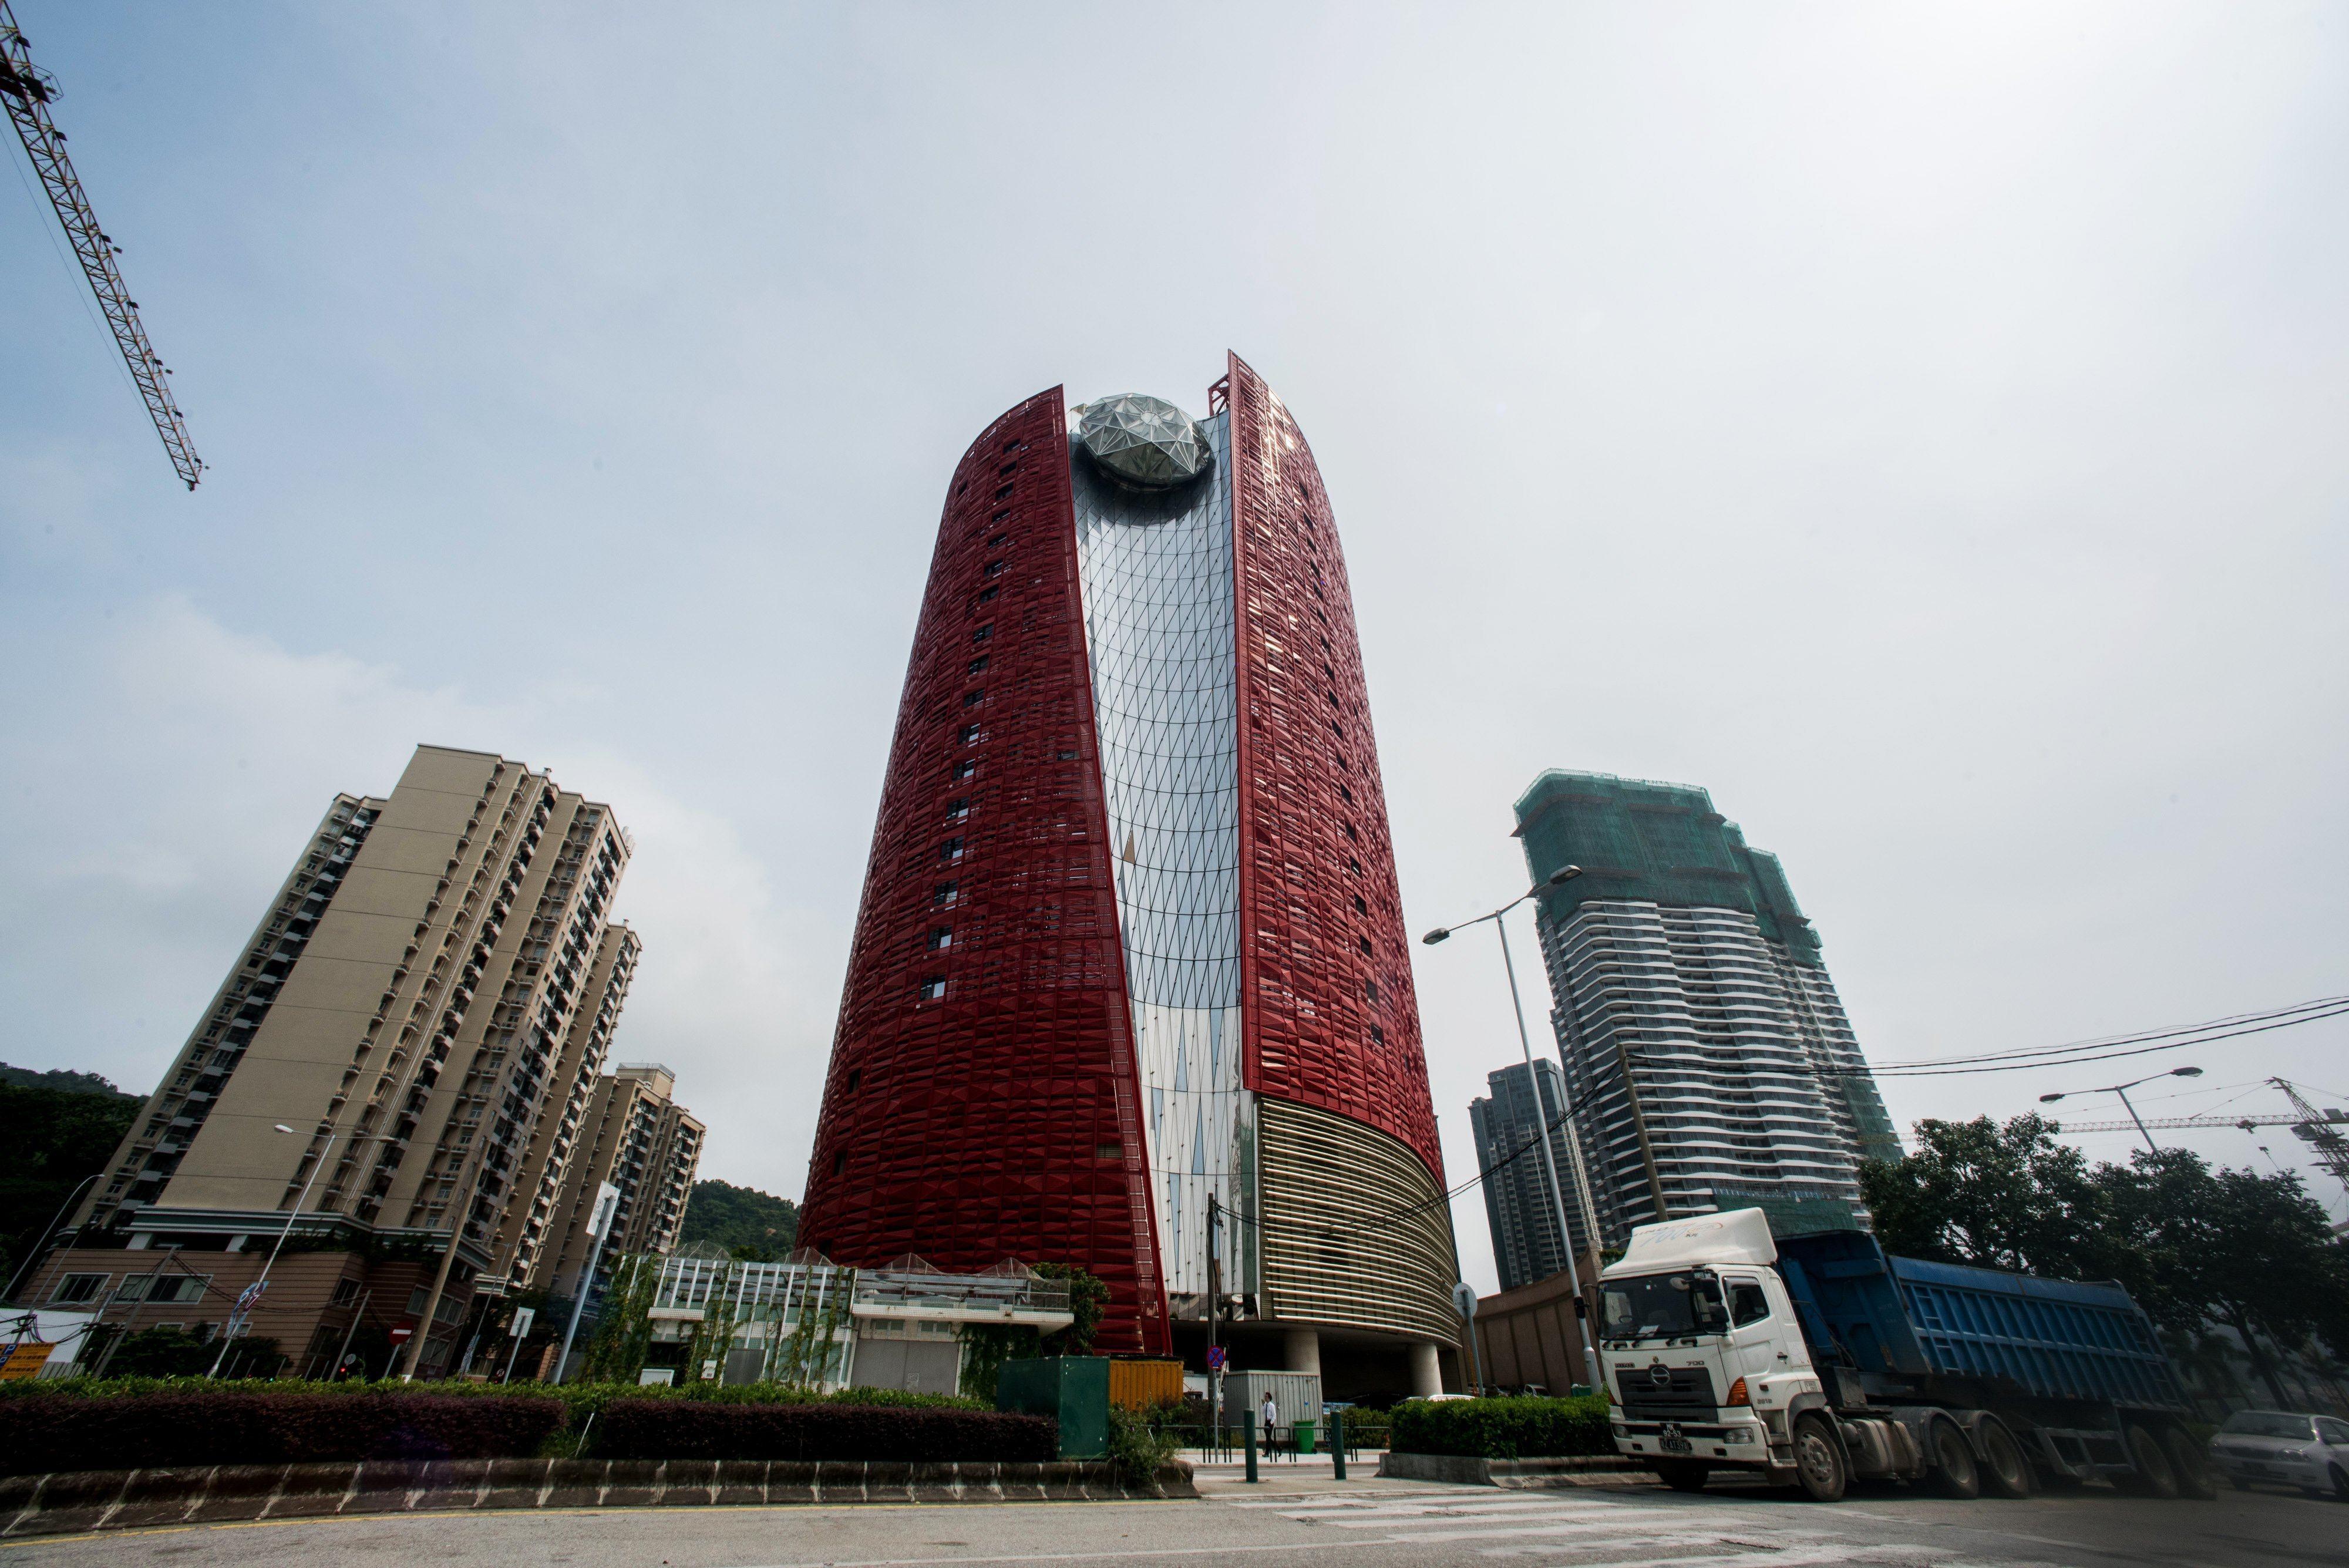 The 13 Macau casino resort